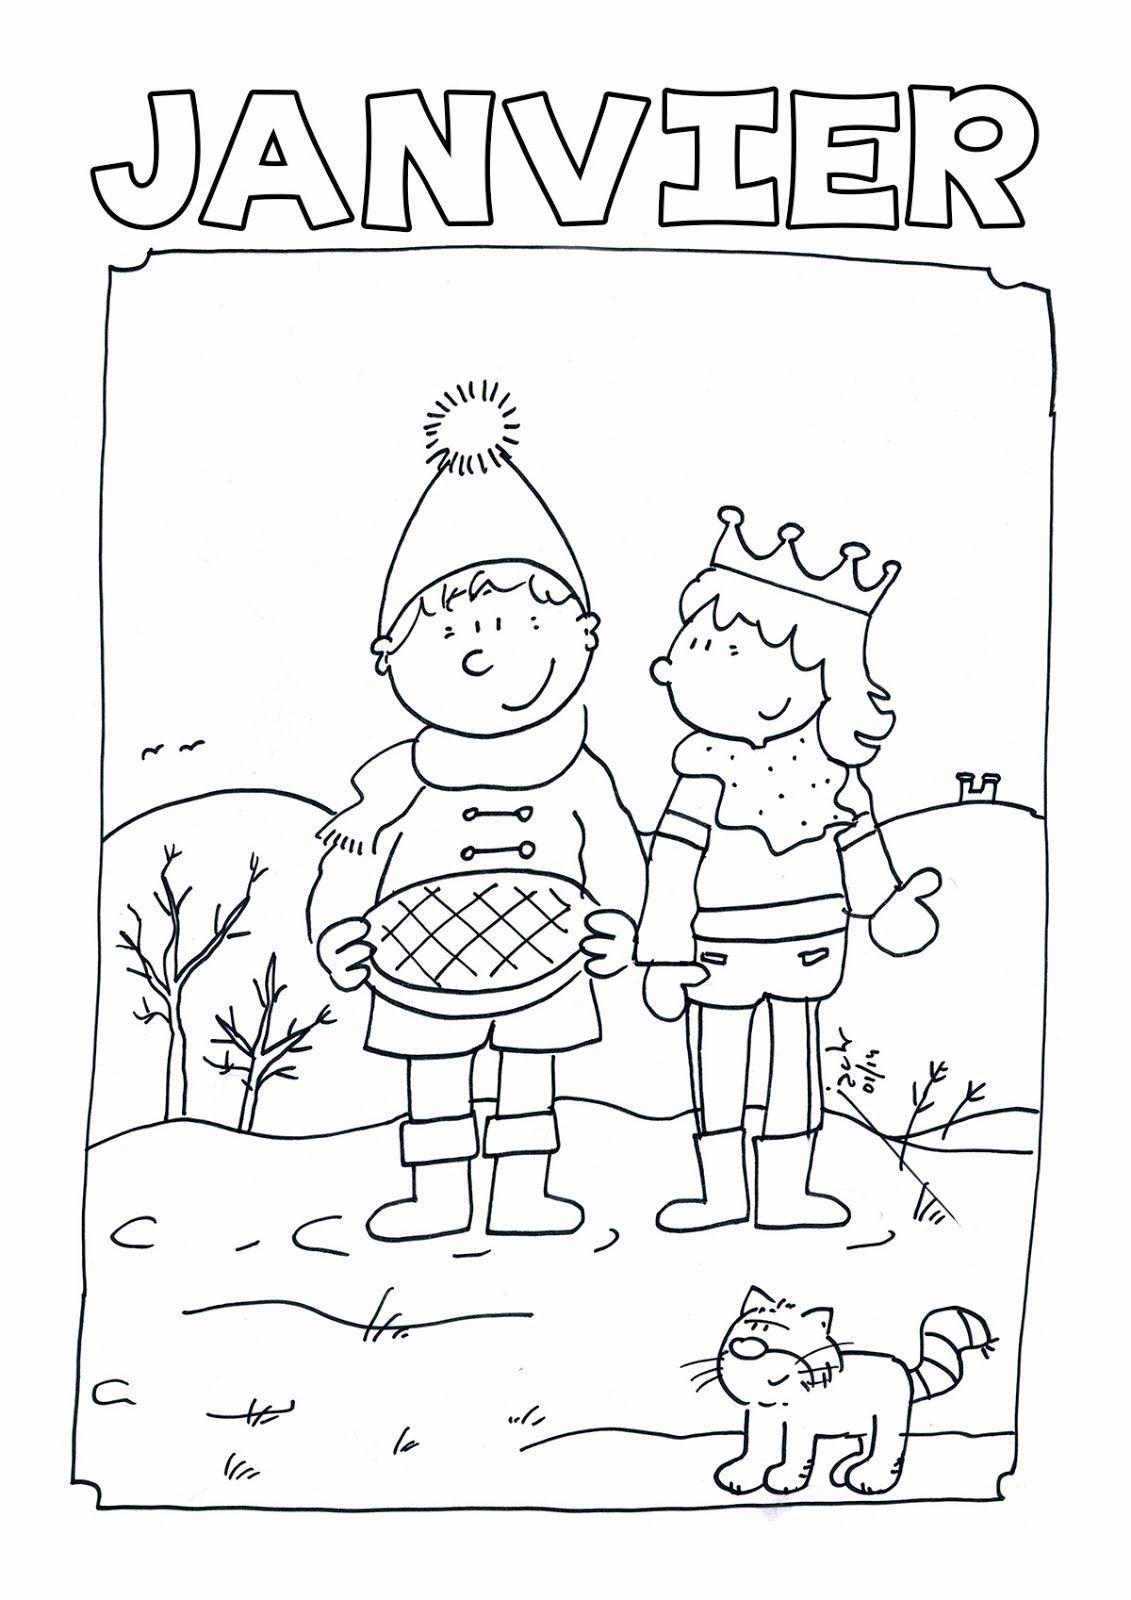 Le dessin de Coloriage janvier pour maternelle est disponible dans la catégorie Coloriage La maternelle 9 Coloriage janvier pour maternelle  Imprimer